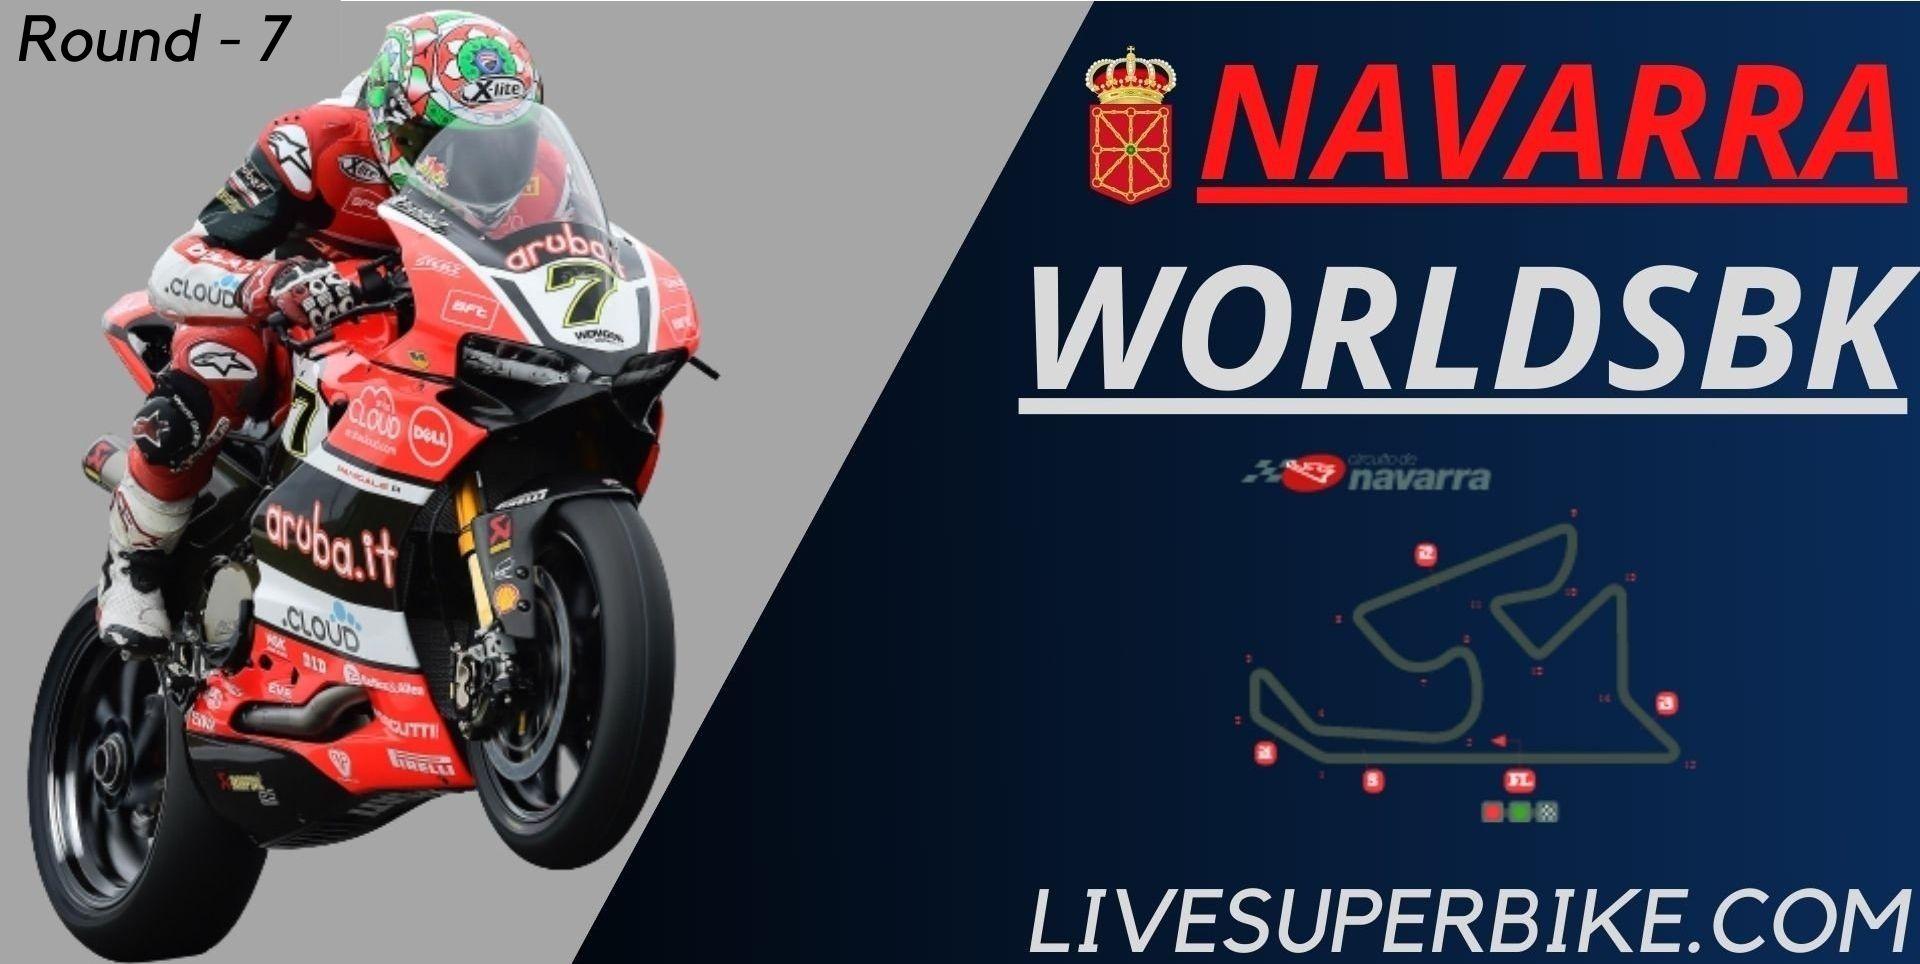 Navarra Round 7 Live Stream 2021 | WorldSBK